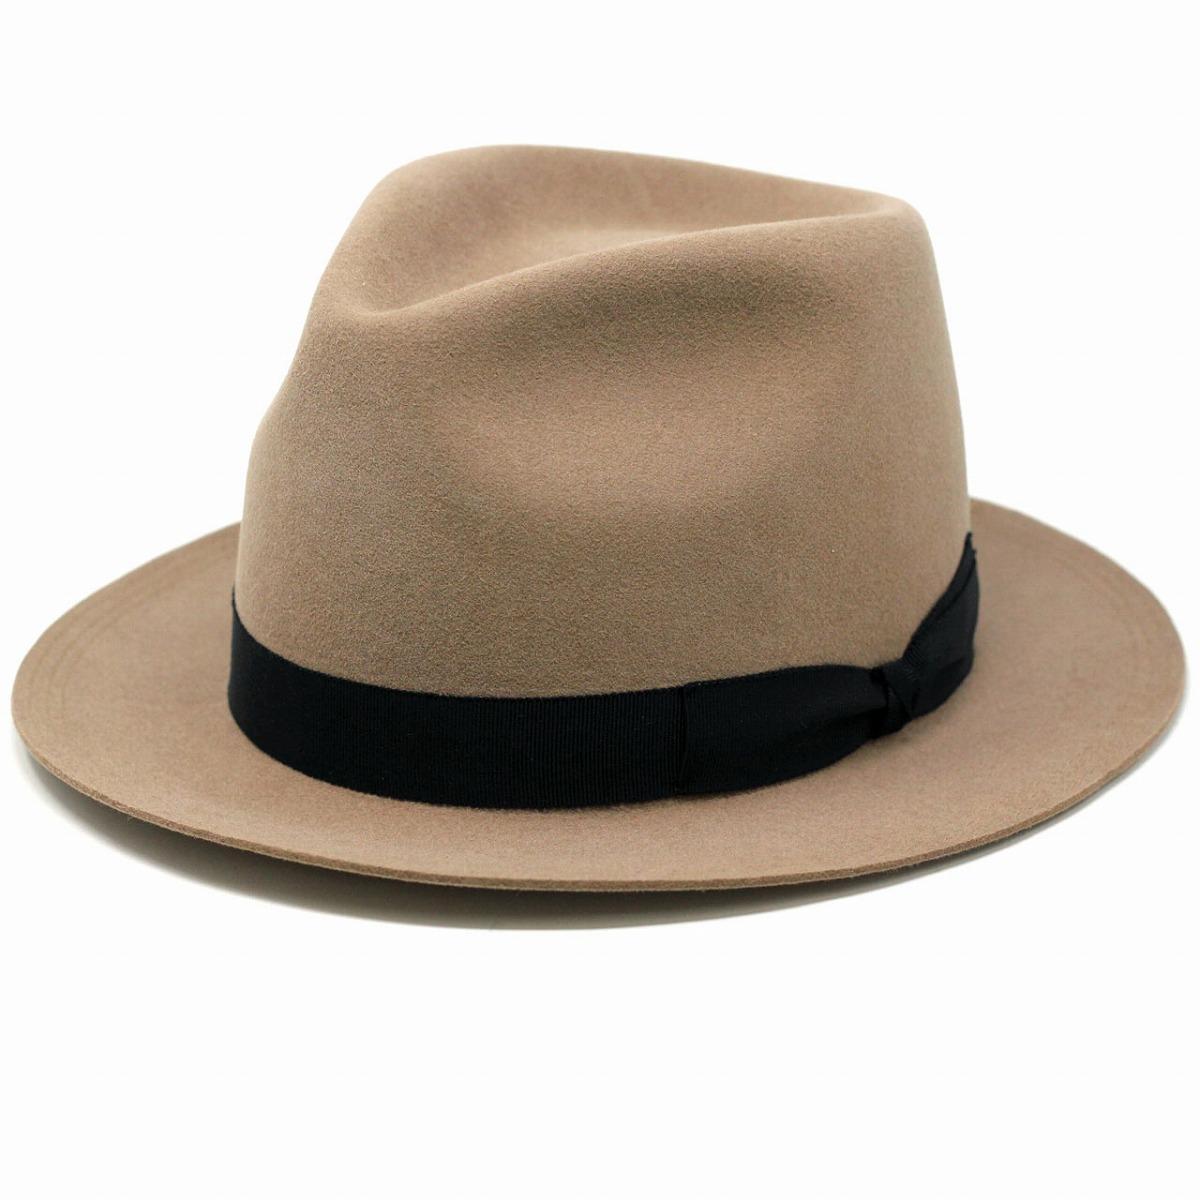 ラビットファー ウール ラカル フェルトハット 帽子 メンズ ショートベロア racal ハット メンズ ベロア フェルト ファー 秋 冬 リボン hat 中折れ帽 紳士 ベージュ[ fedora ][ felt hat ]